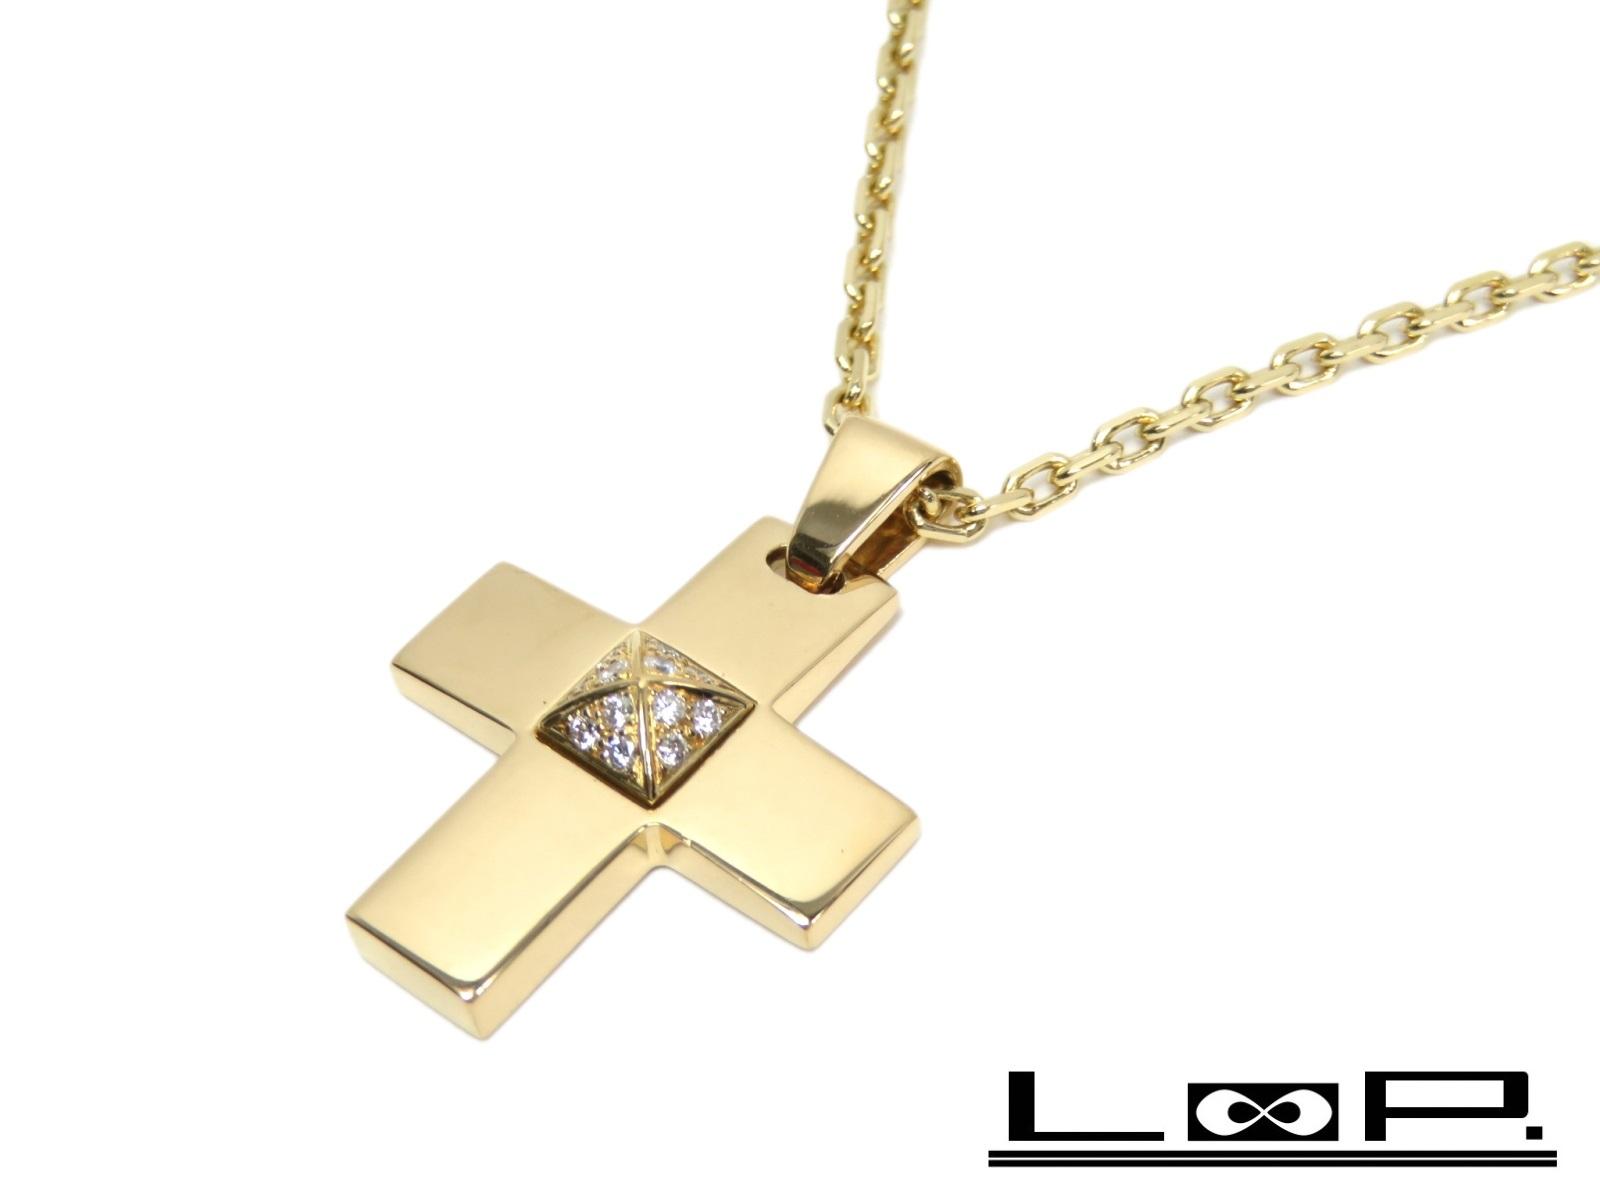 【磨き済 新同】 HERMES エルメス クロス ネックレス パヴェ ダイヤ ダイヤモンド アクセサリー 十字架 ゴールド K18 YG 750 【A44099】 【中古】